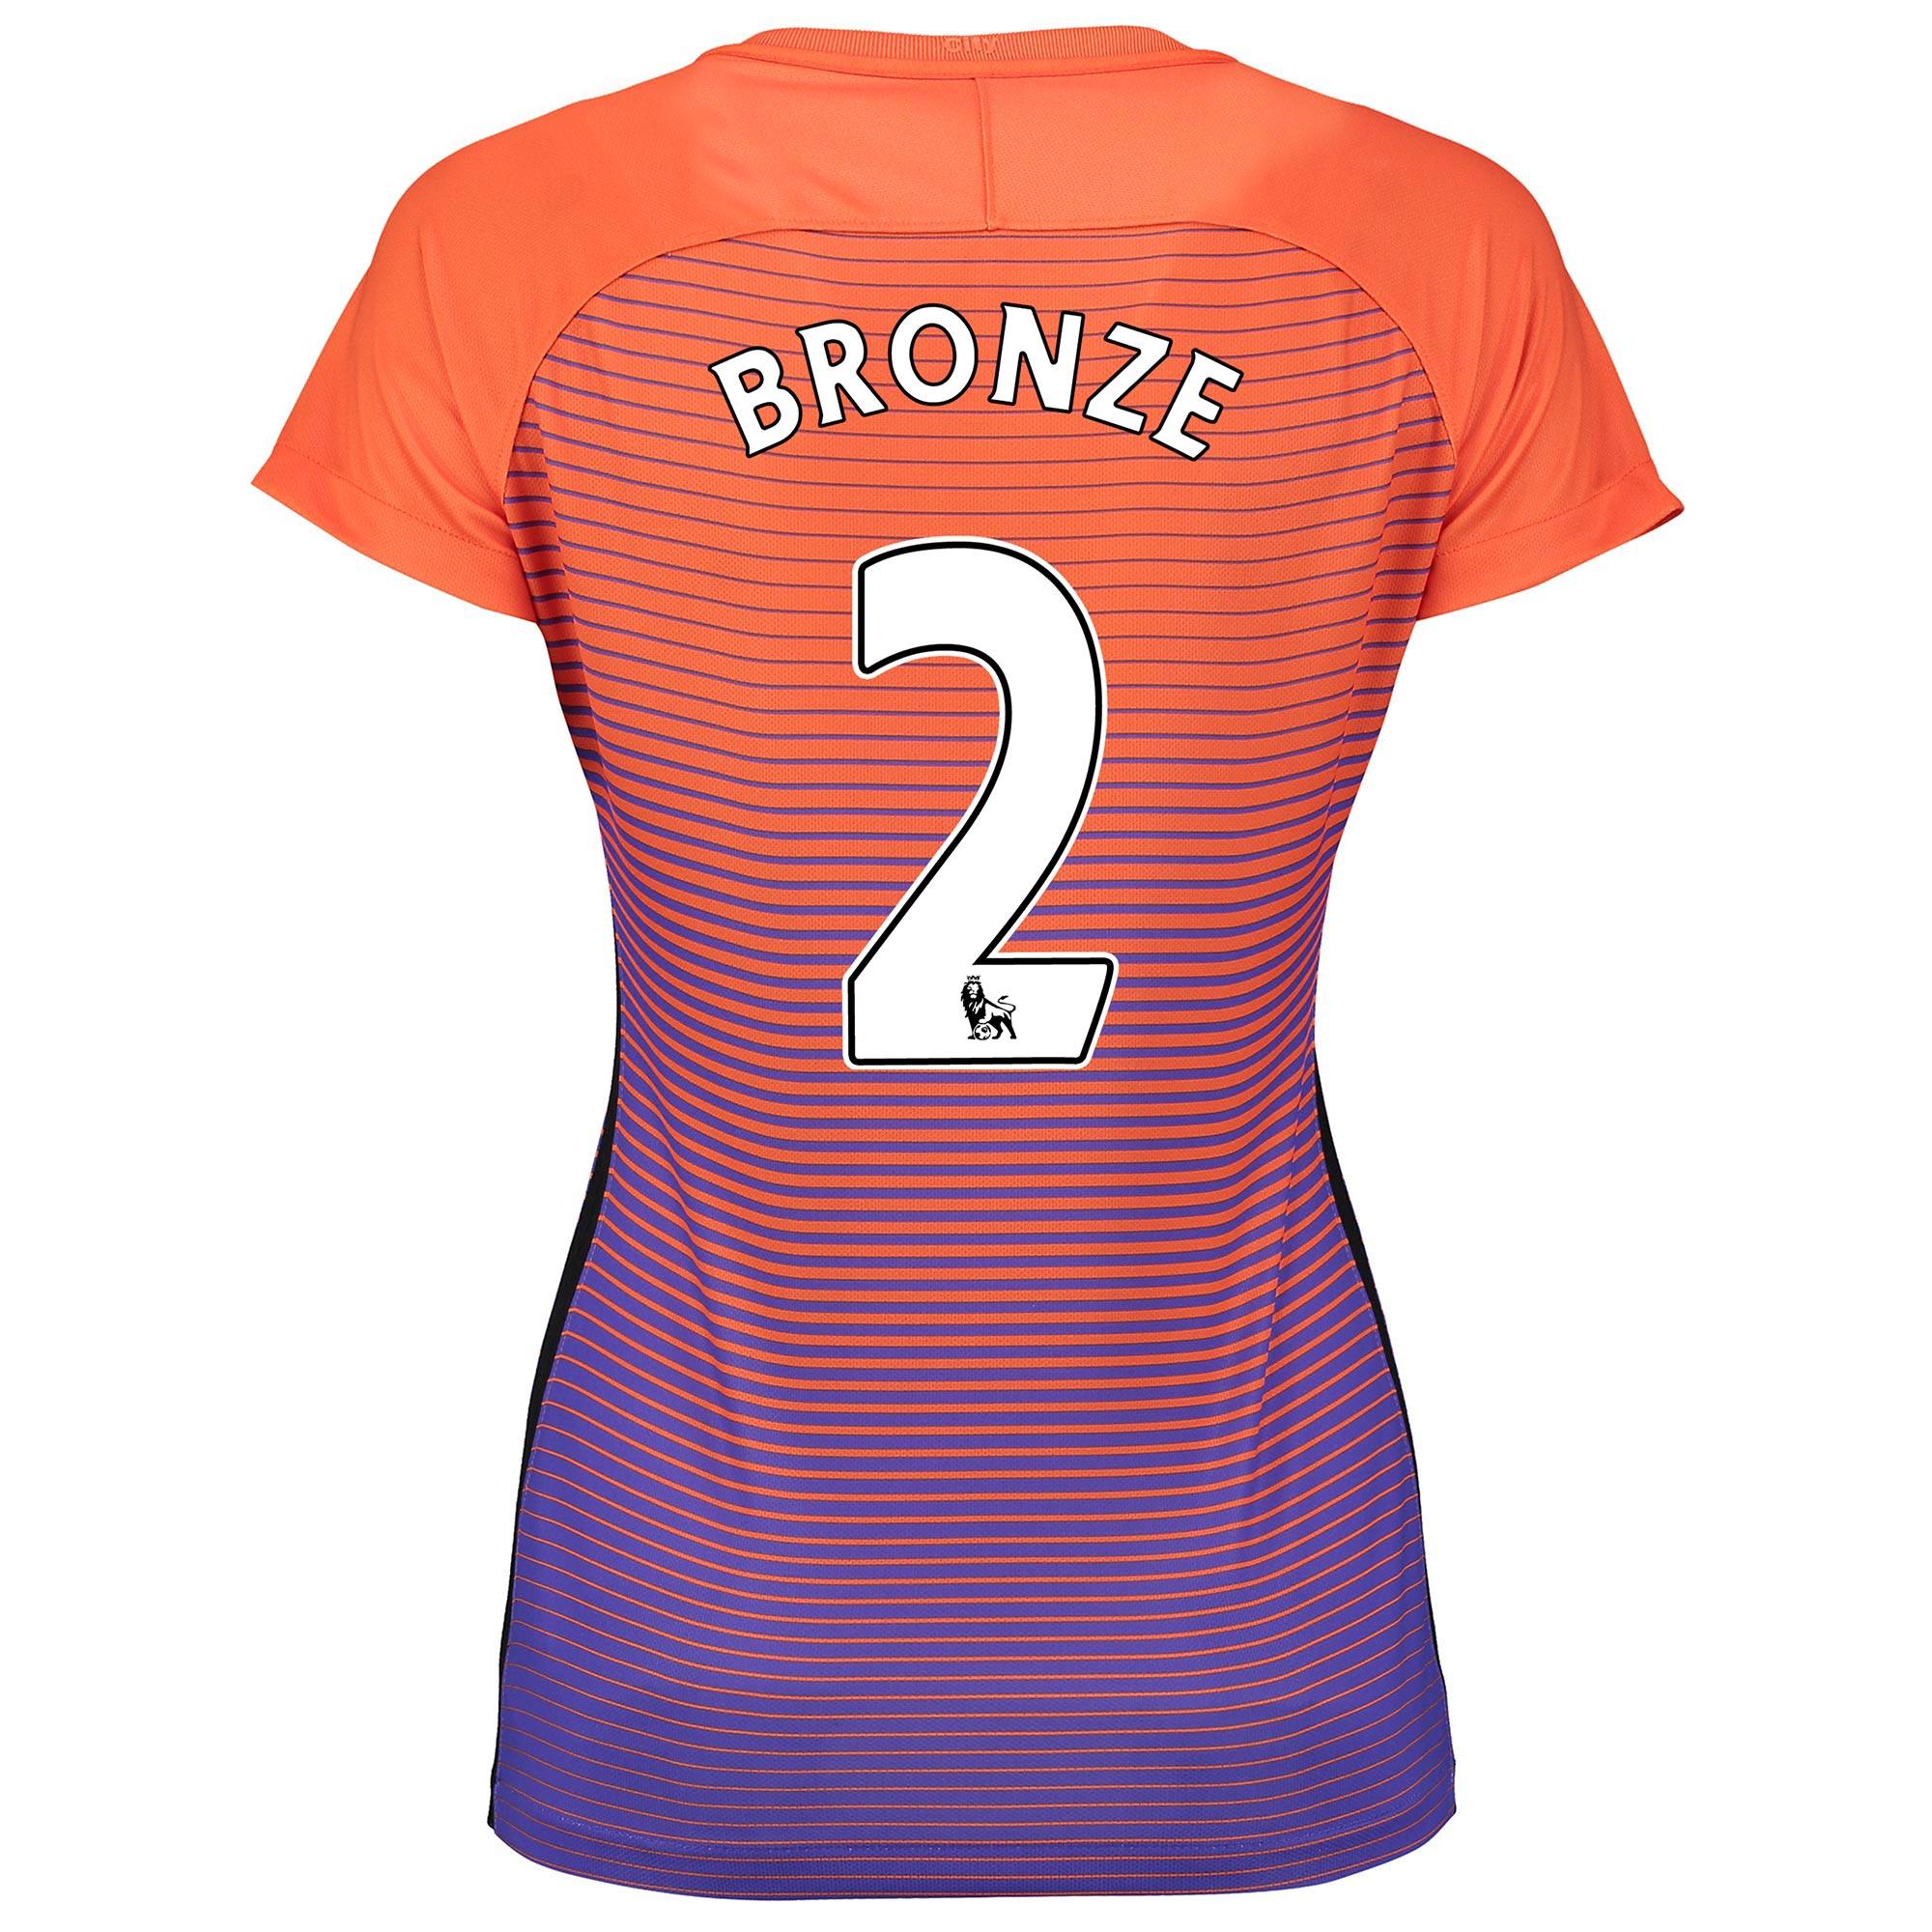 Manchester City Third Stadium Shirt 2016-17 - Womens with Bronze 2 pri